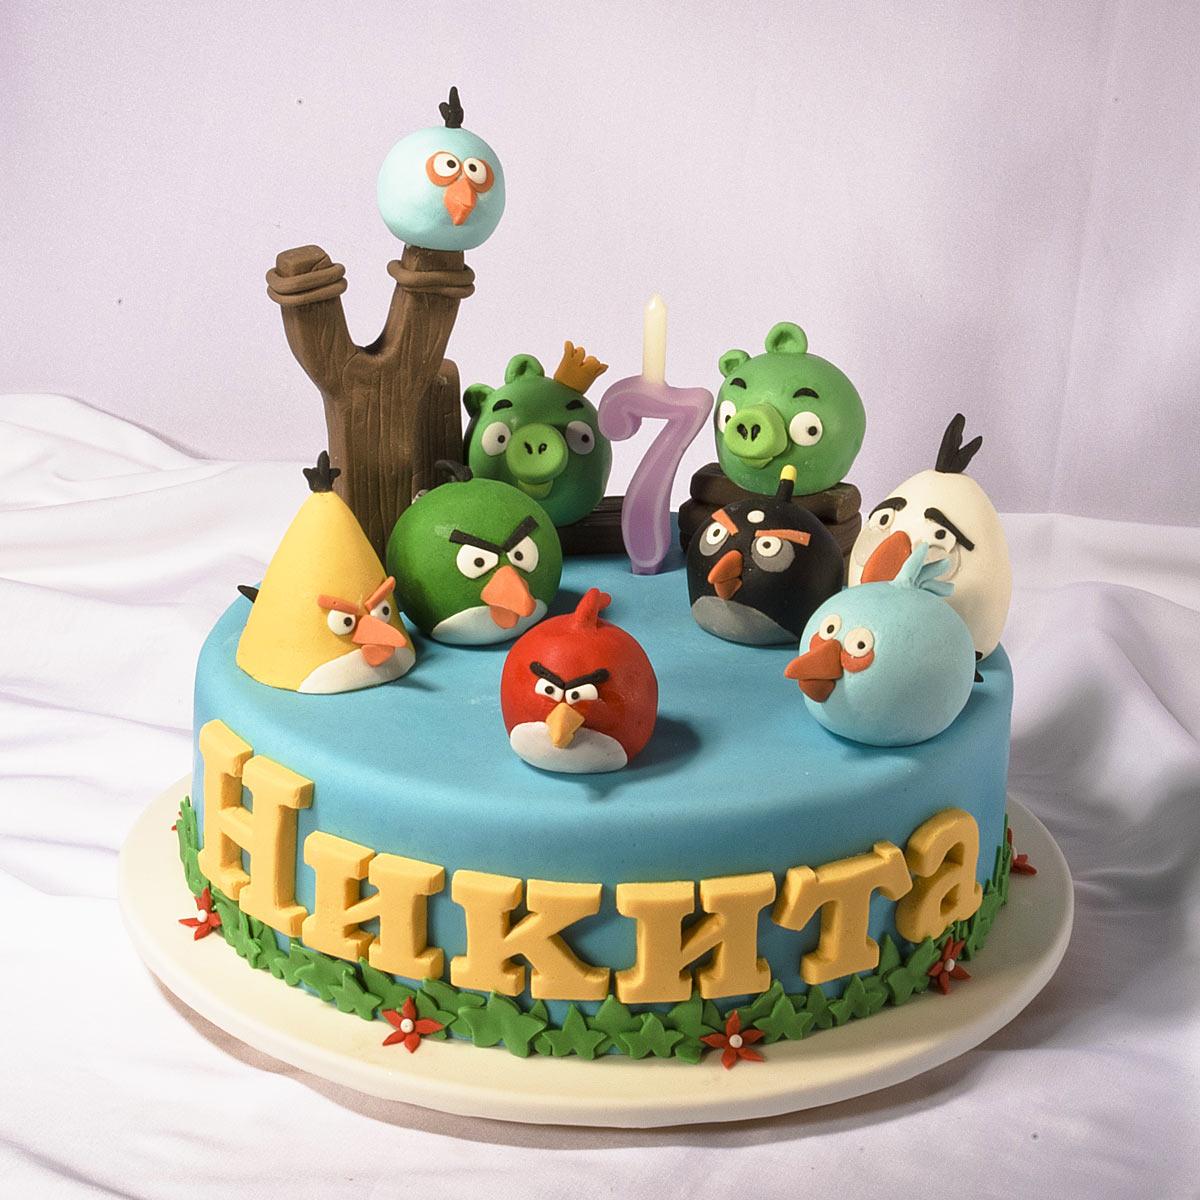 Детские тортыы на день рождения с фото иами